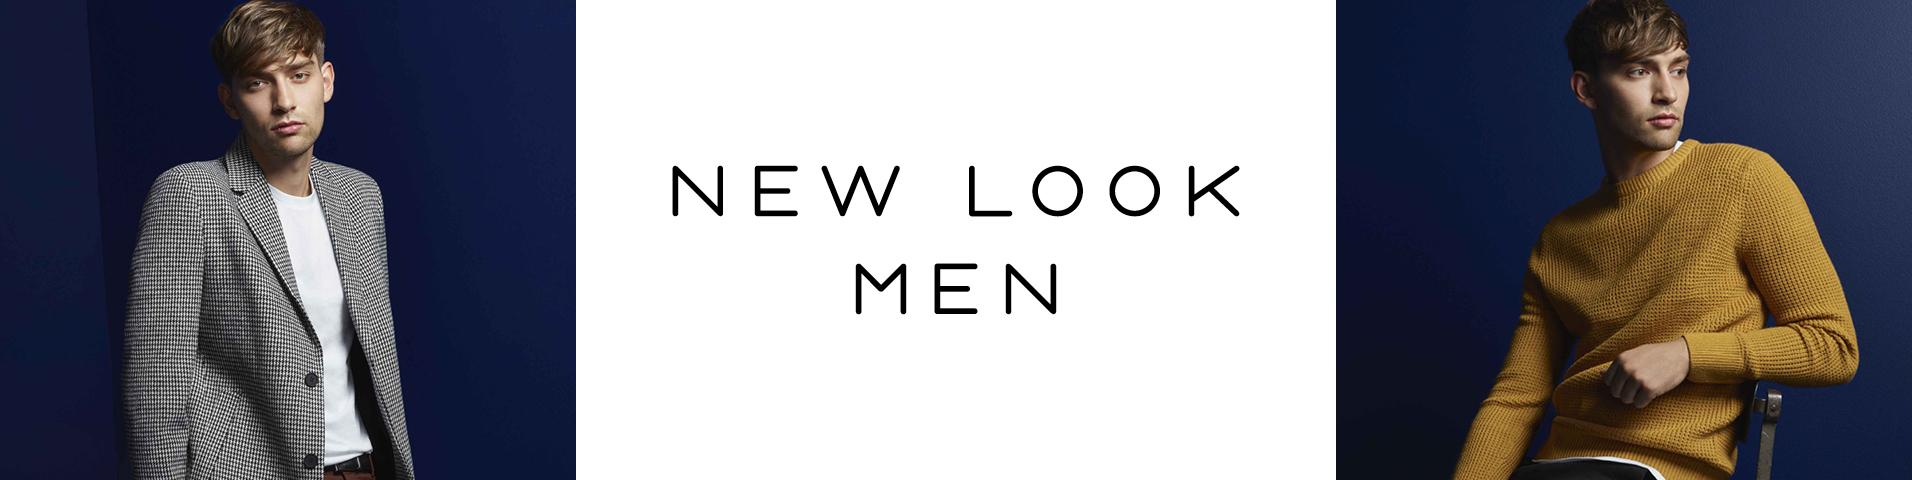 Produktkatalog von New Look · BekleidungSchuheAccessoiresSale 593d4b1098